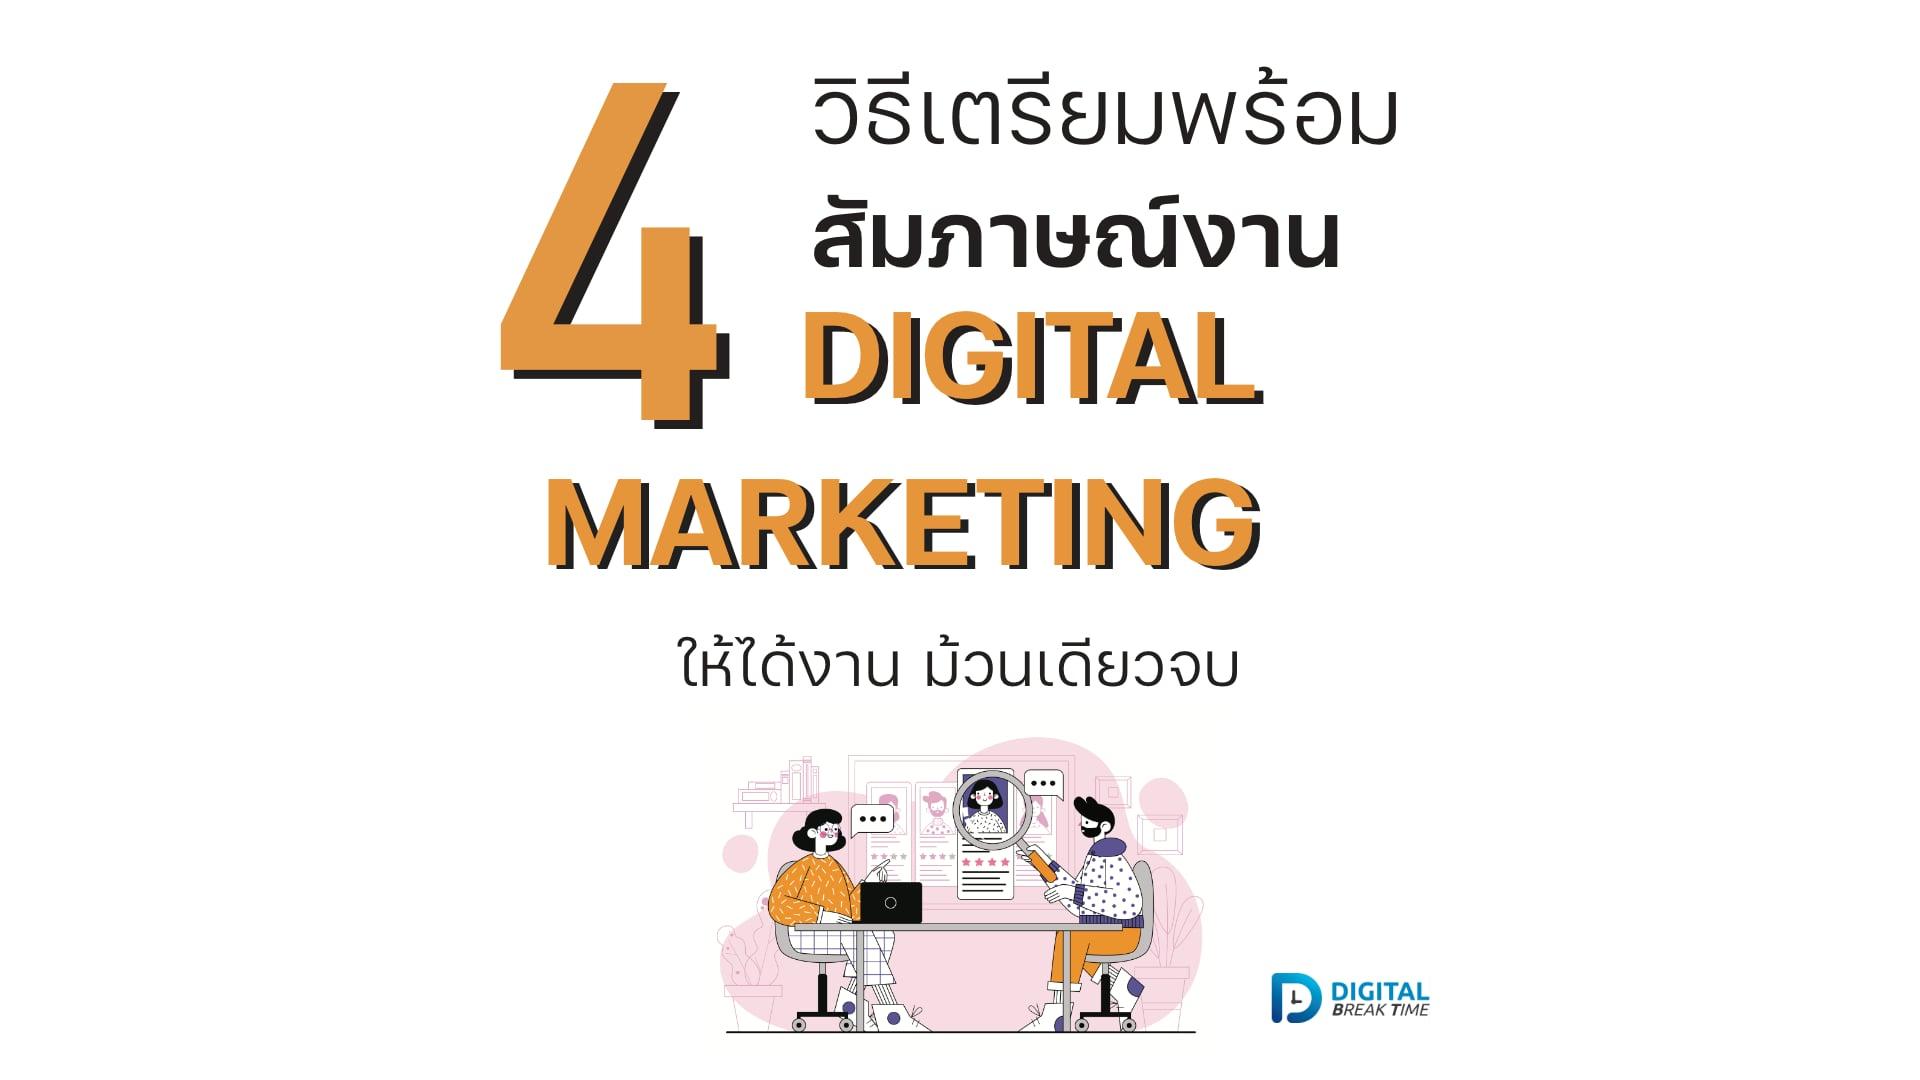 สัมภาษณ์งาน Digital Marketing cover